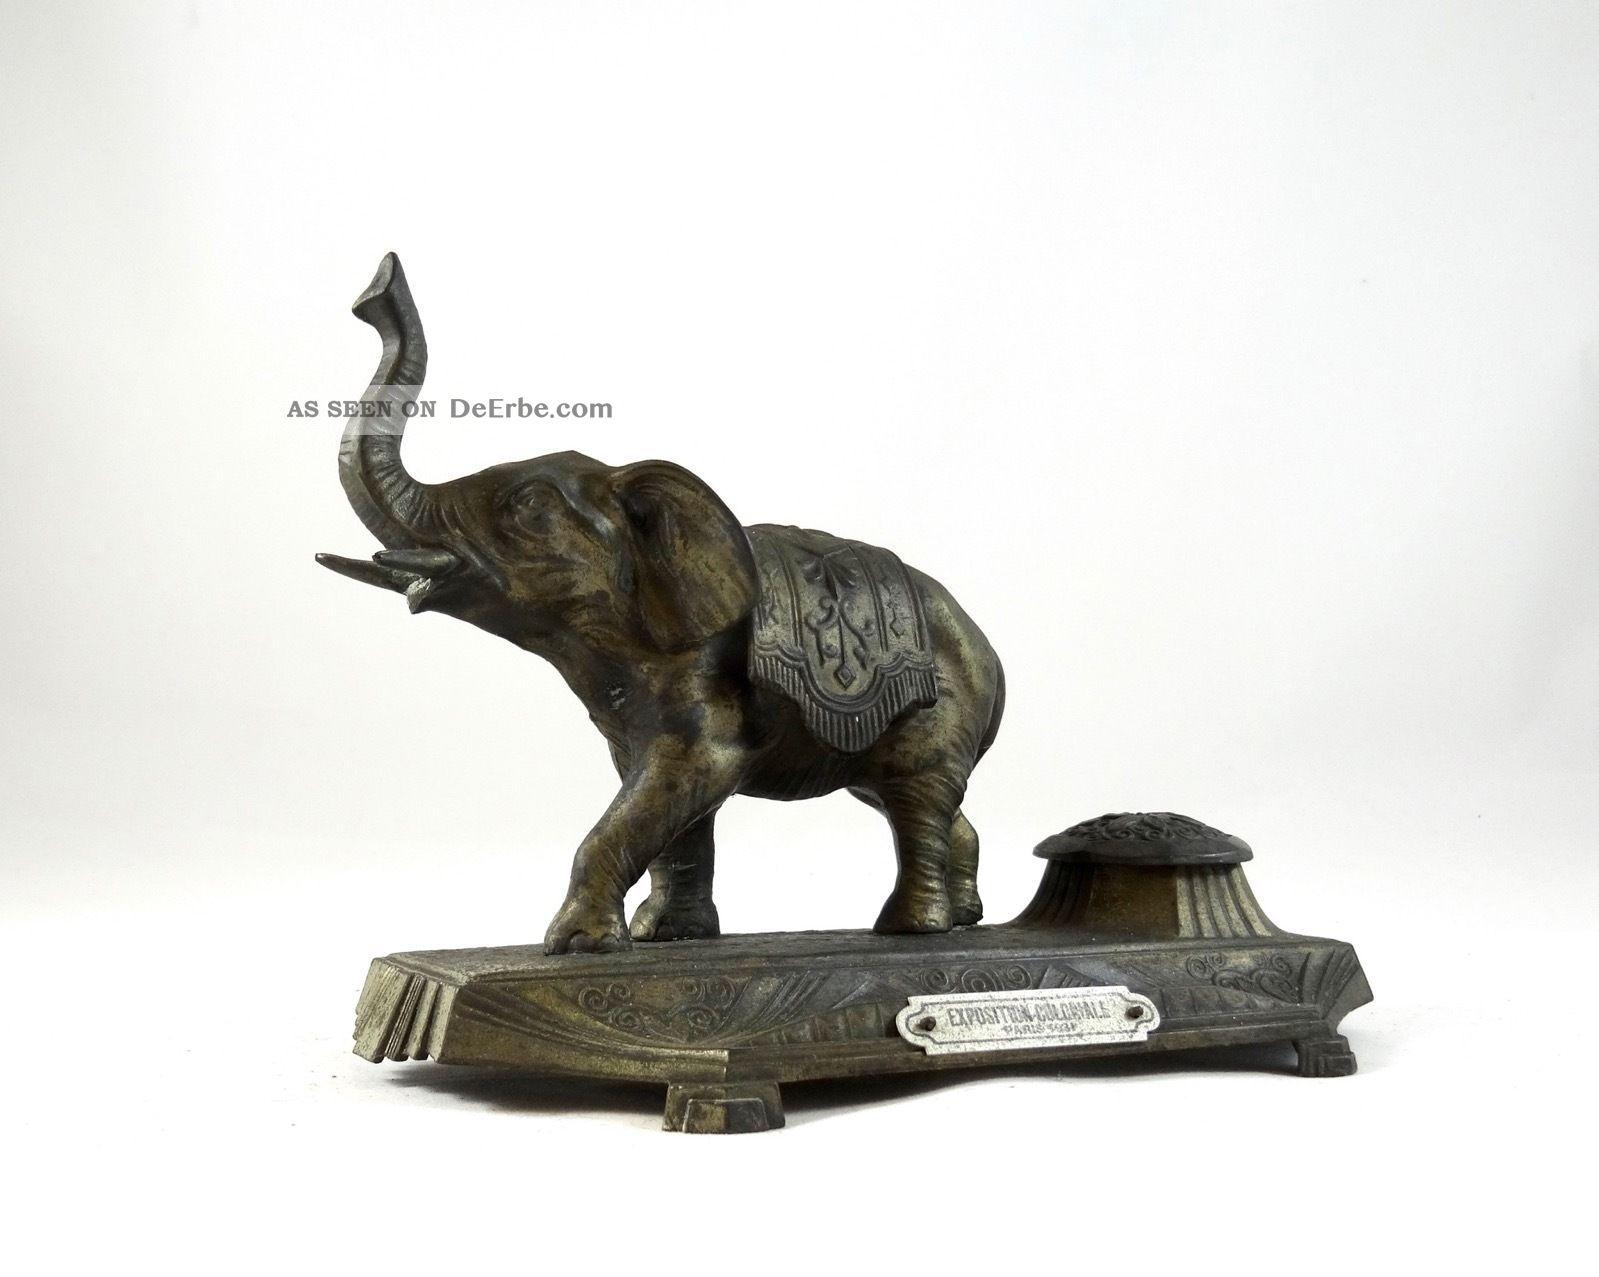 Kolonialausstellung Frankreich 1936 Art Deco Skulptur Elefant Signiert A.  Guver 1920-1949, Art Déco Bild